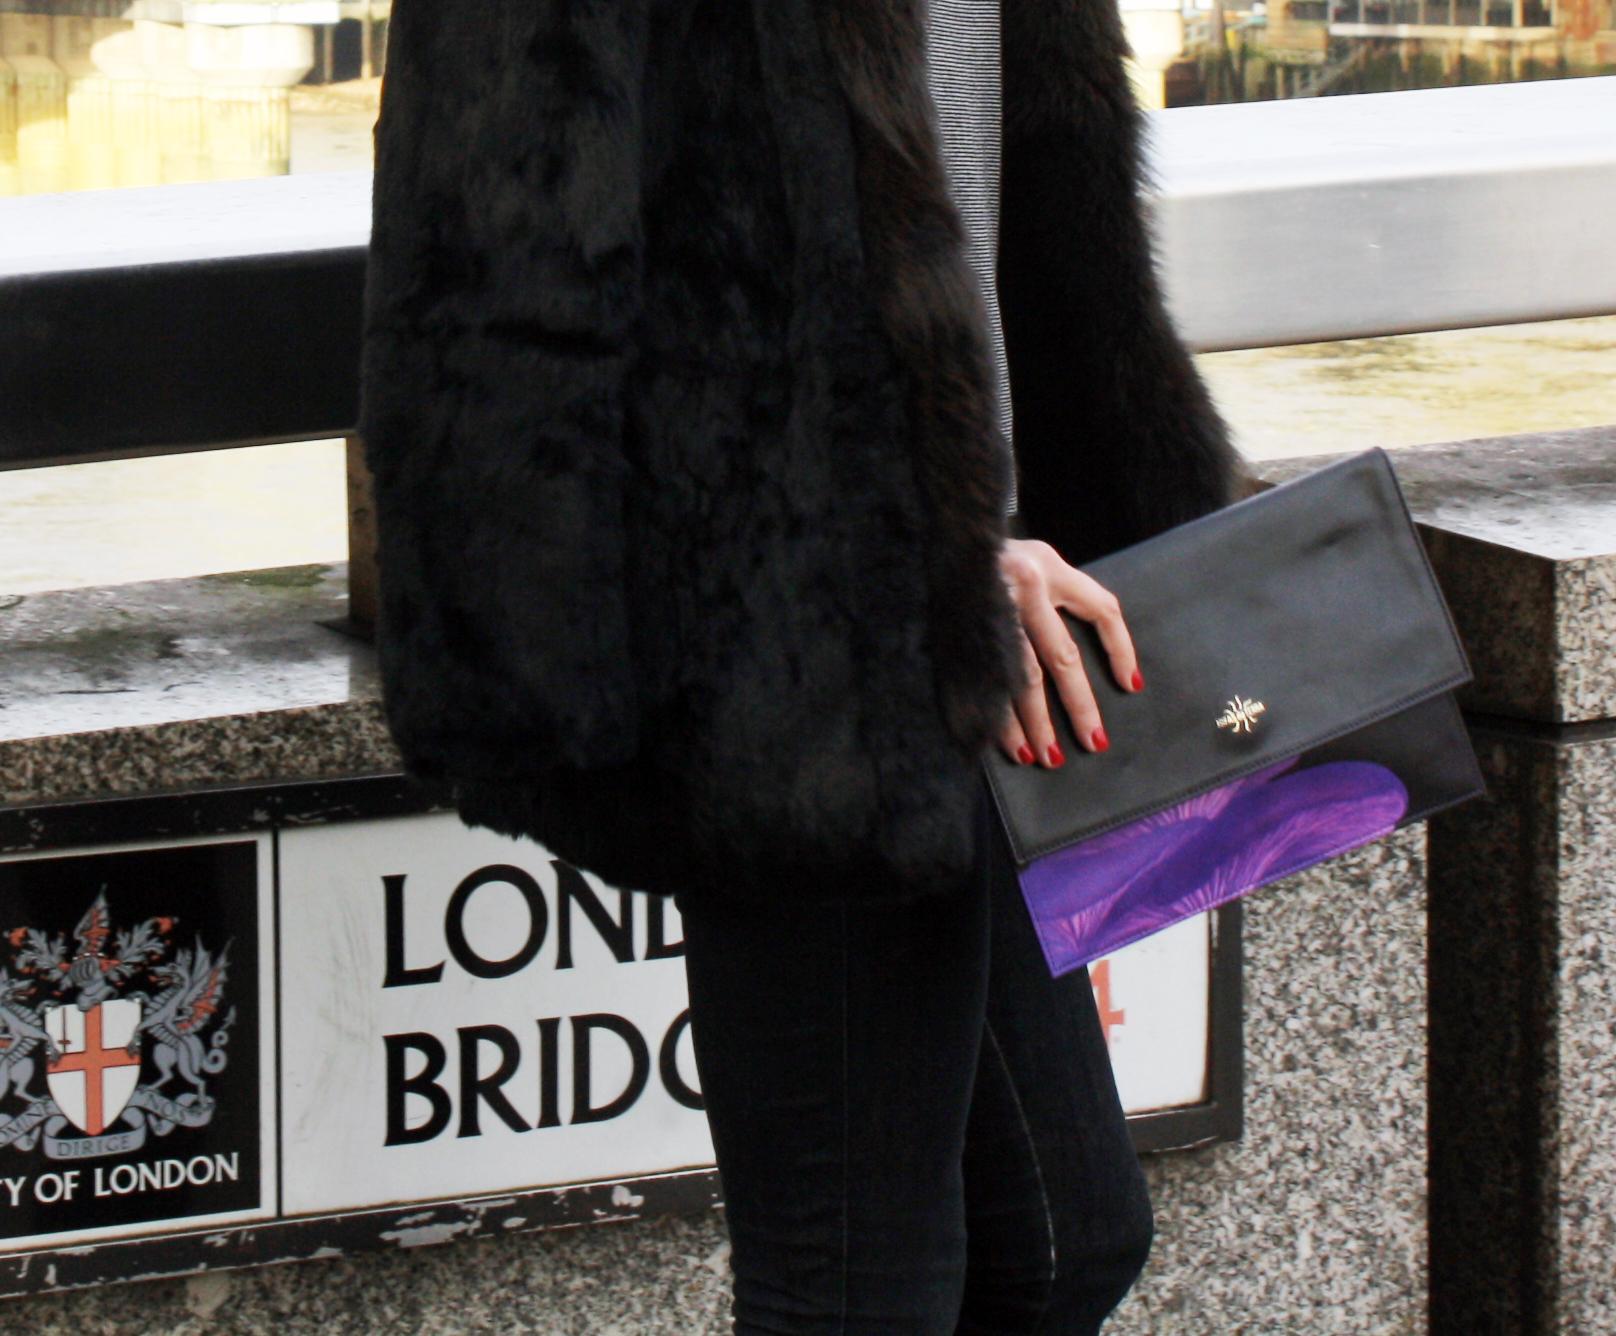 Hifas da terra by Iria de Ana - London bridge